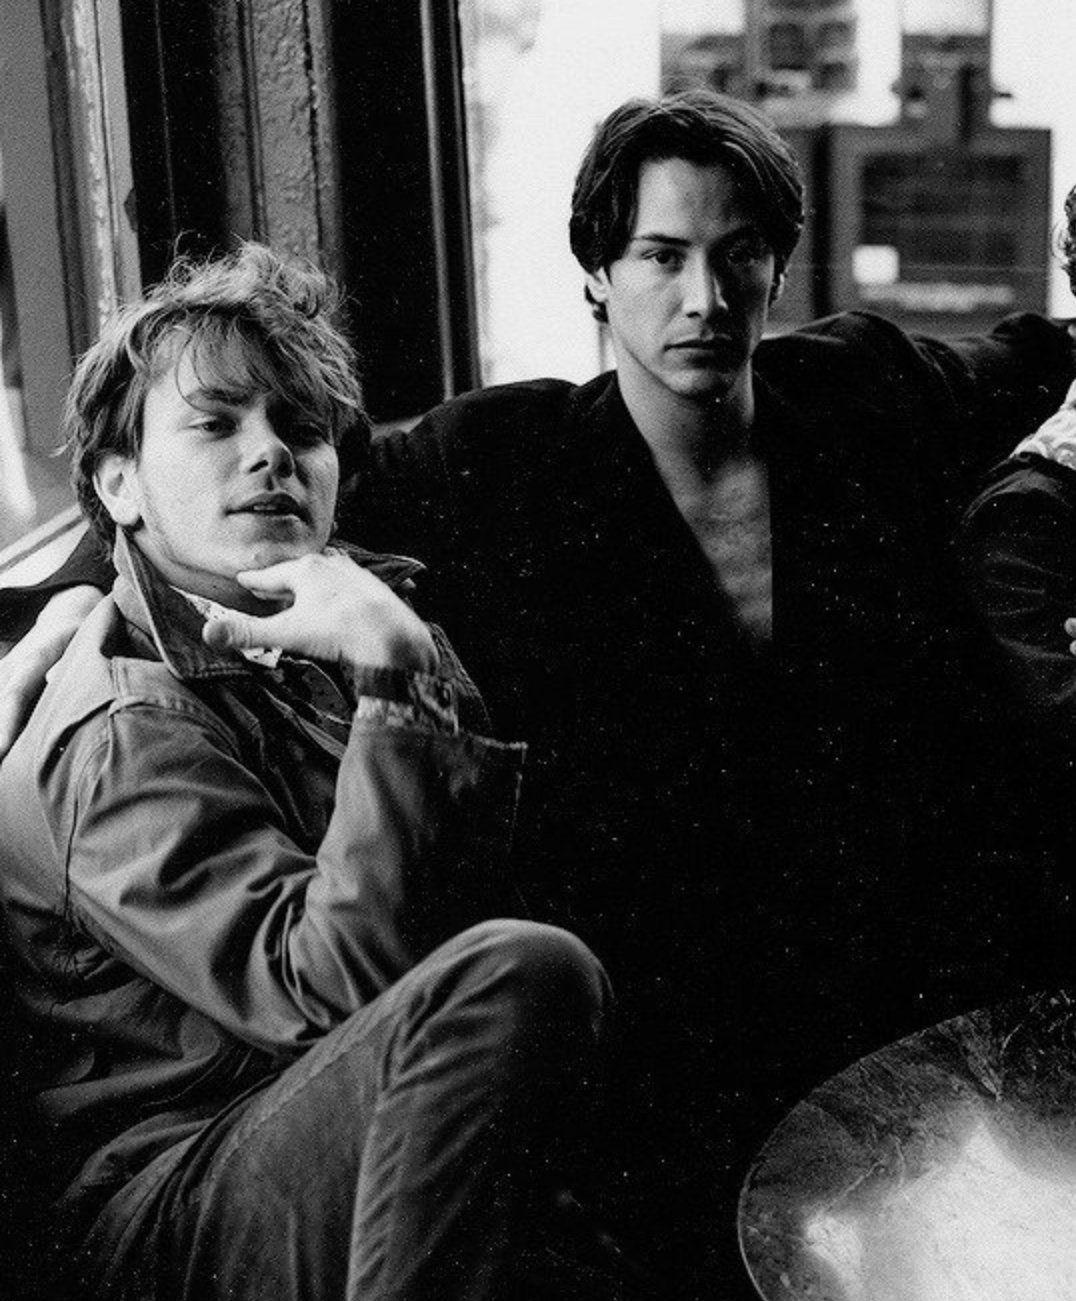 river phoenix'in grubu aleka's attic'in daha önce yayınlanmamış iki şarkısı bulundu